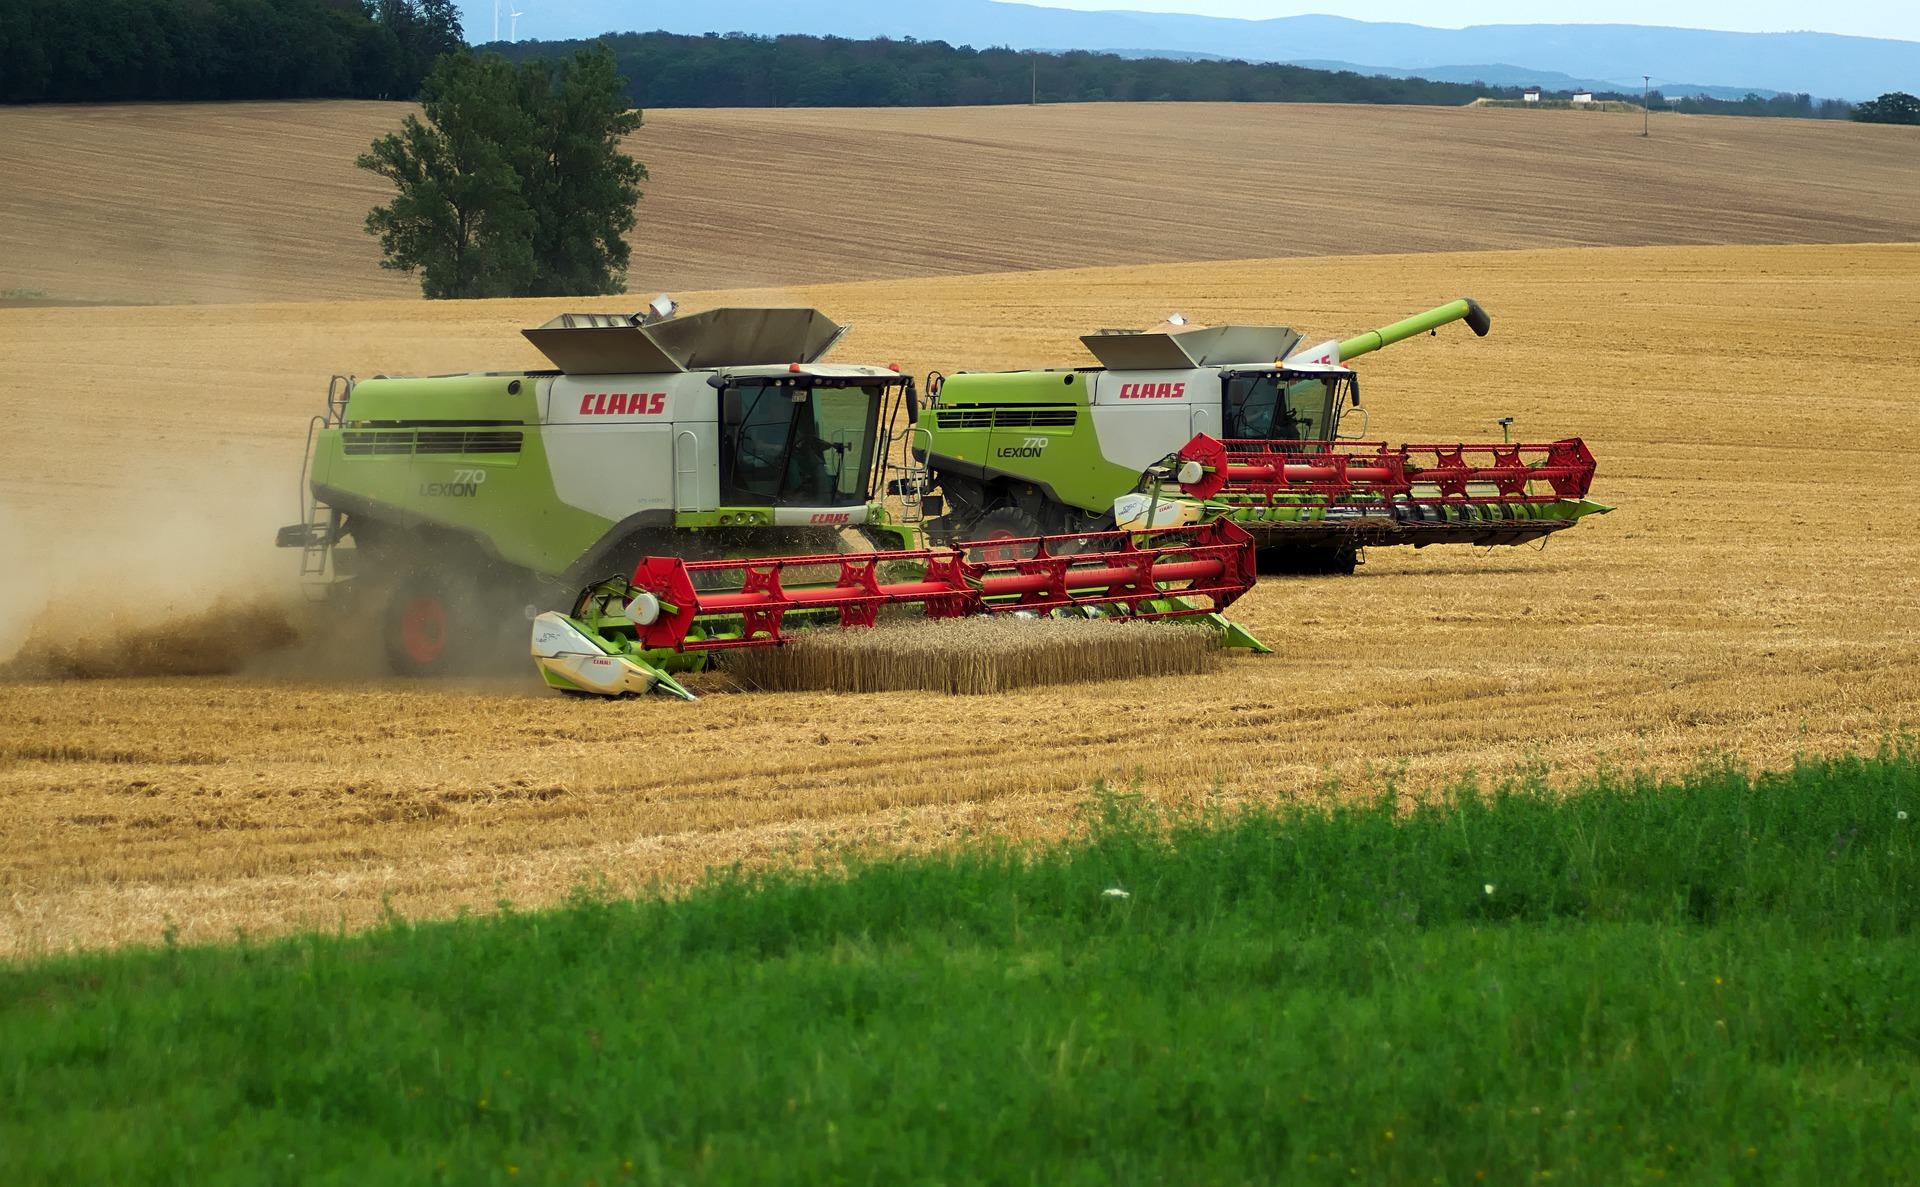 Schäden an Landwirtschaftsmaschinen können zu finanziellen Engpässen führen. Foto: pixabay